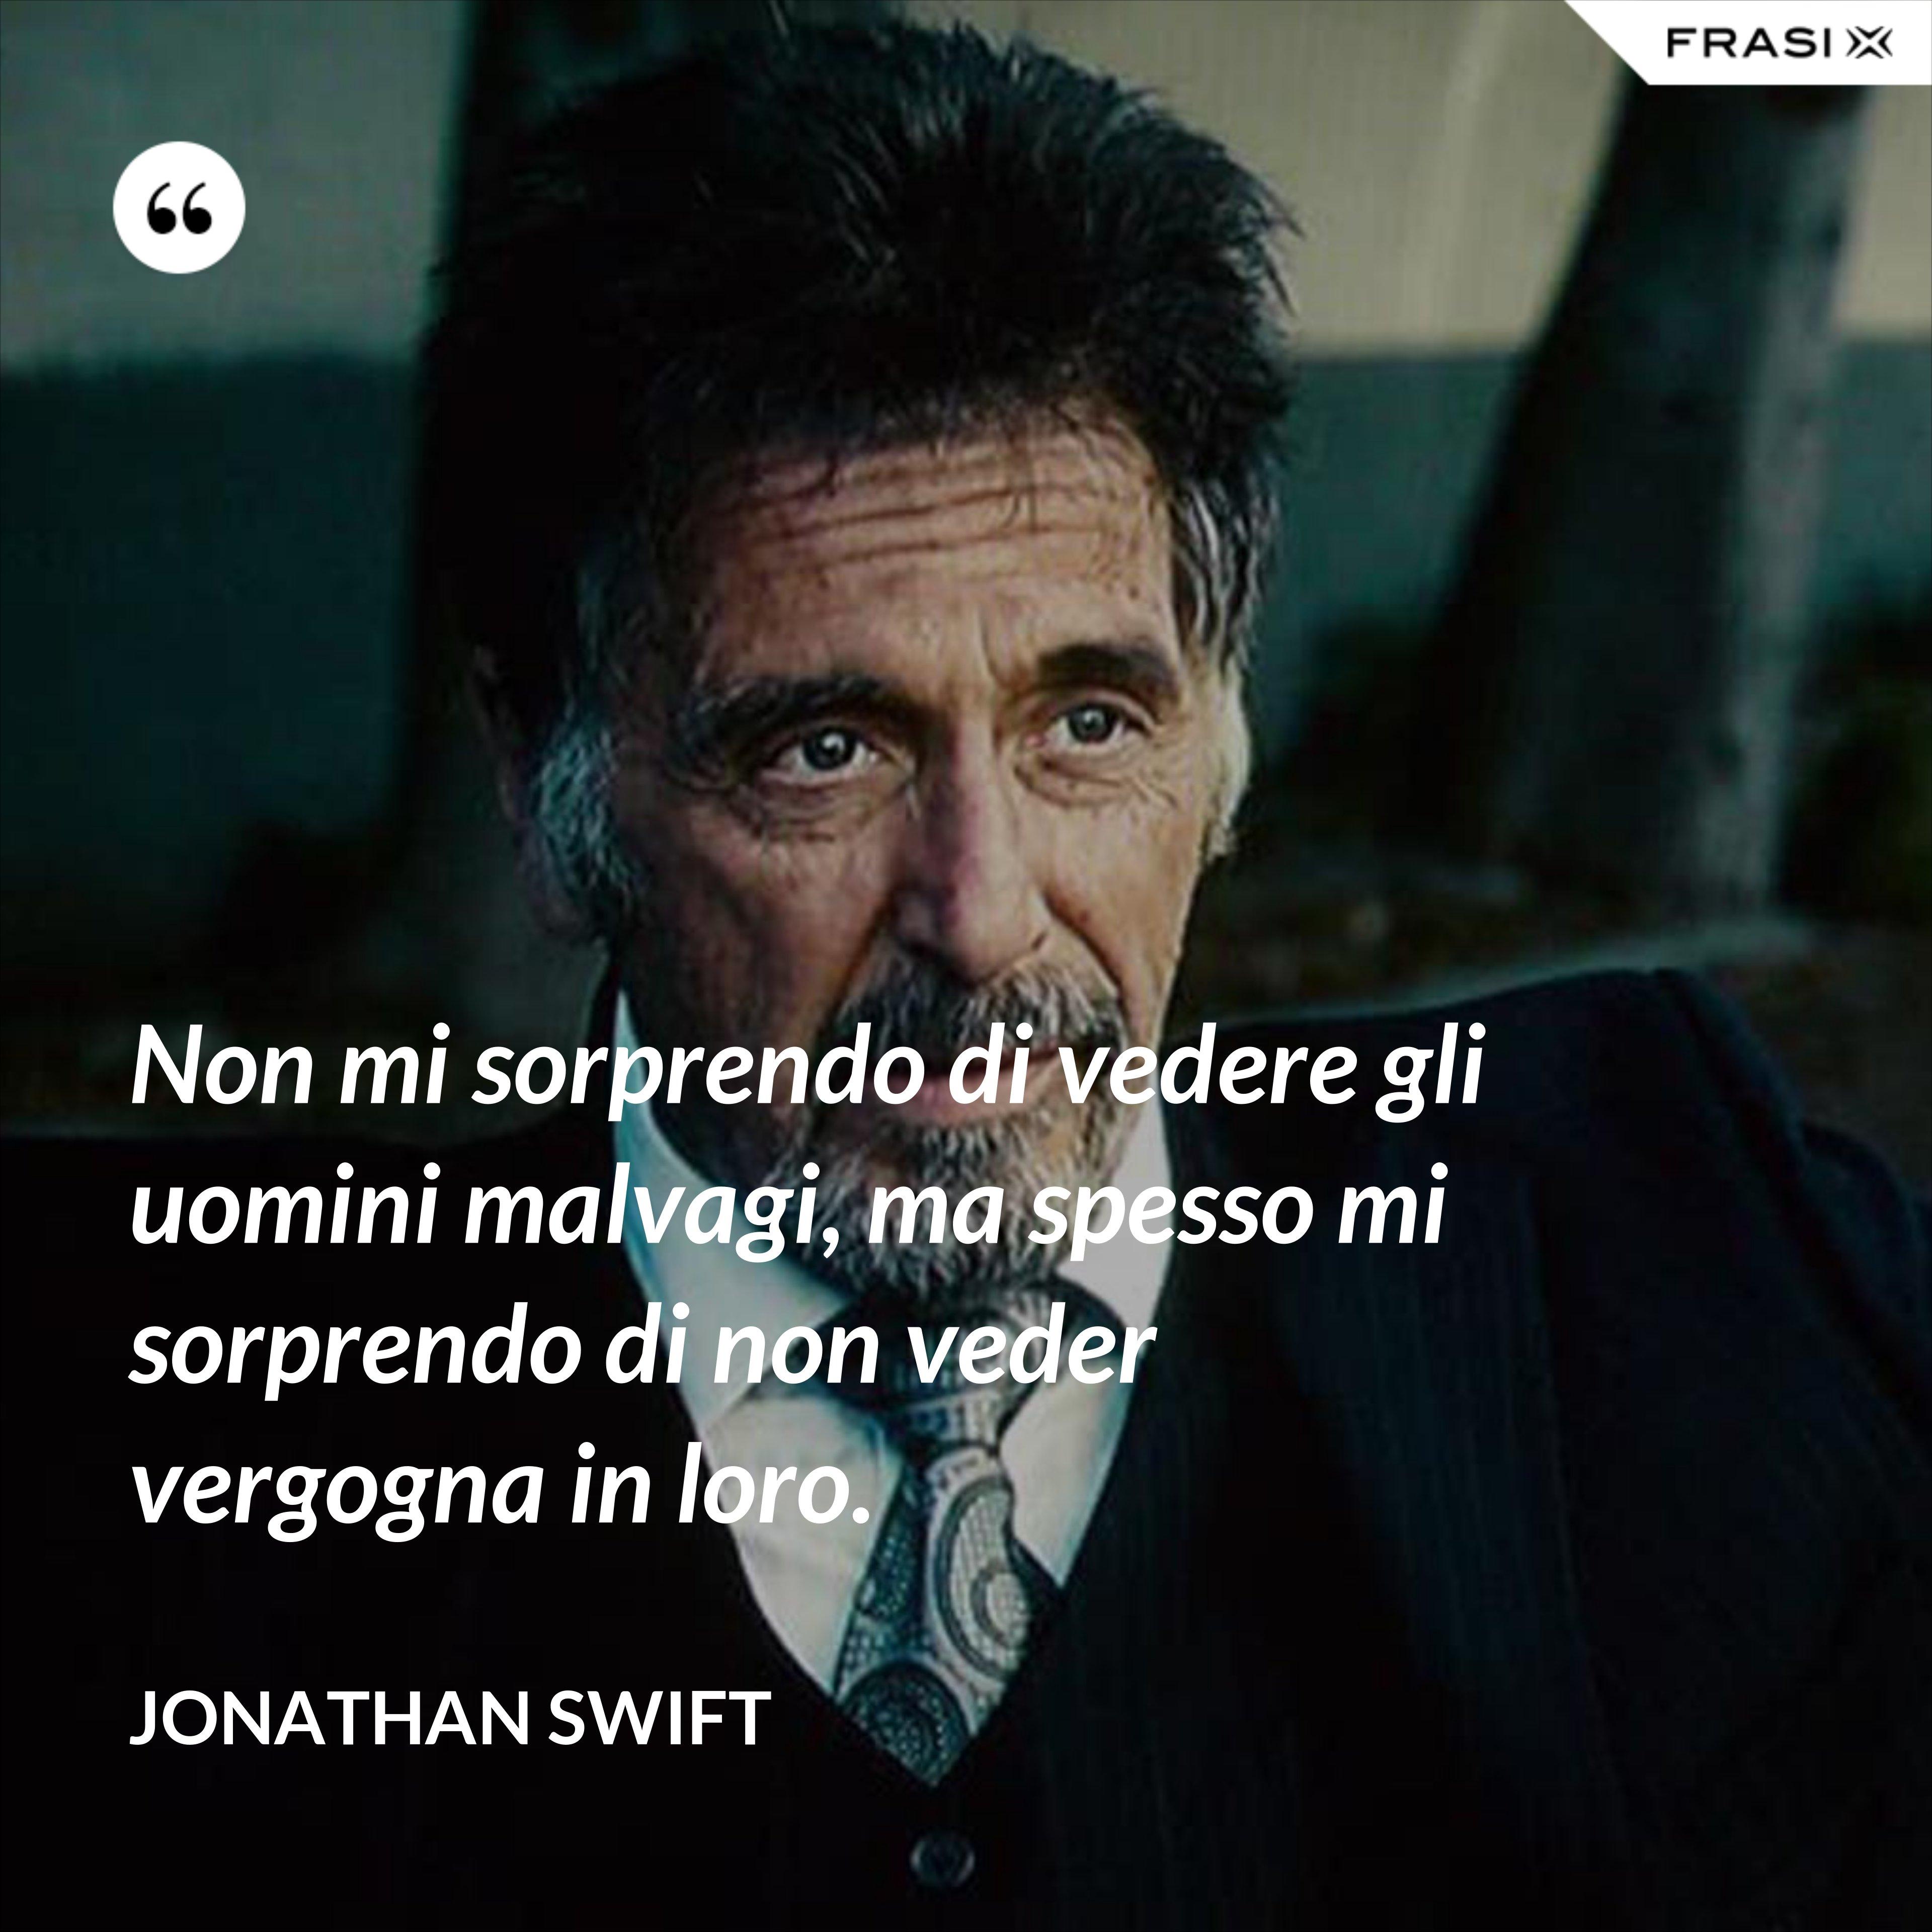 Non mi sorprendo di vedere gli uomini malvagi, ma spesso mi sorprendo di non veder vergogna in loro. - Jonathan Swift